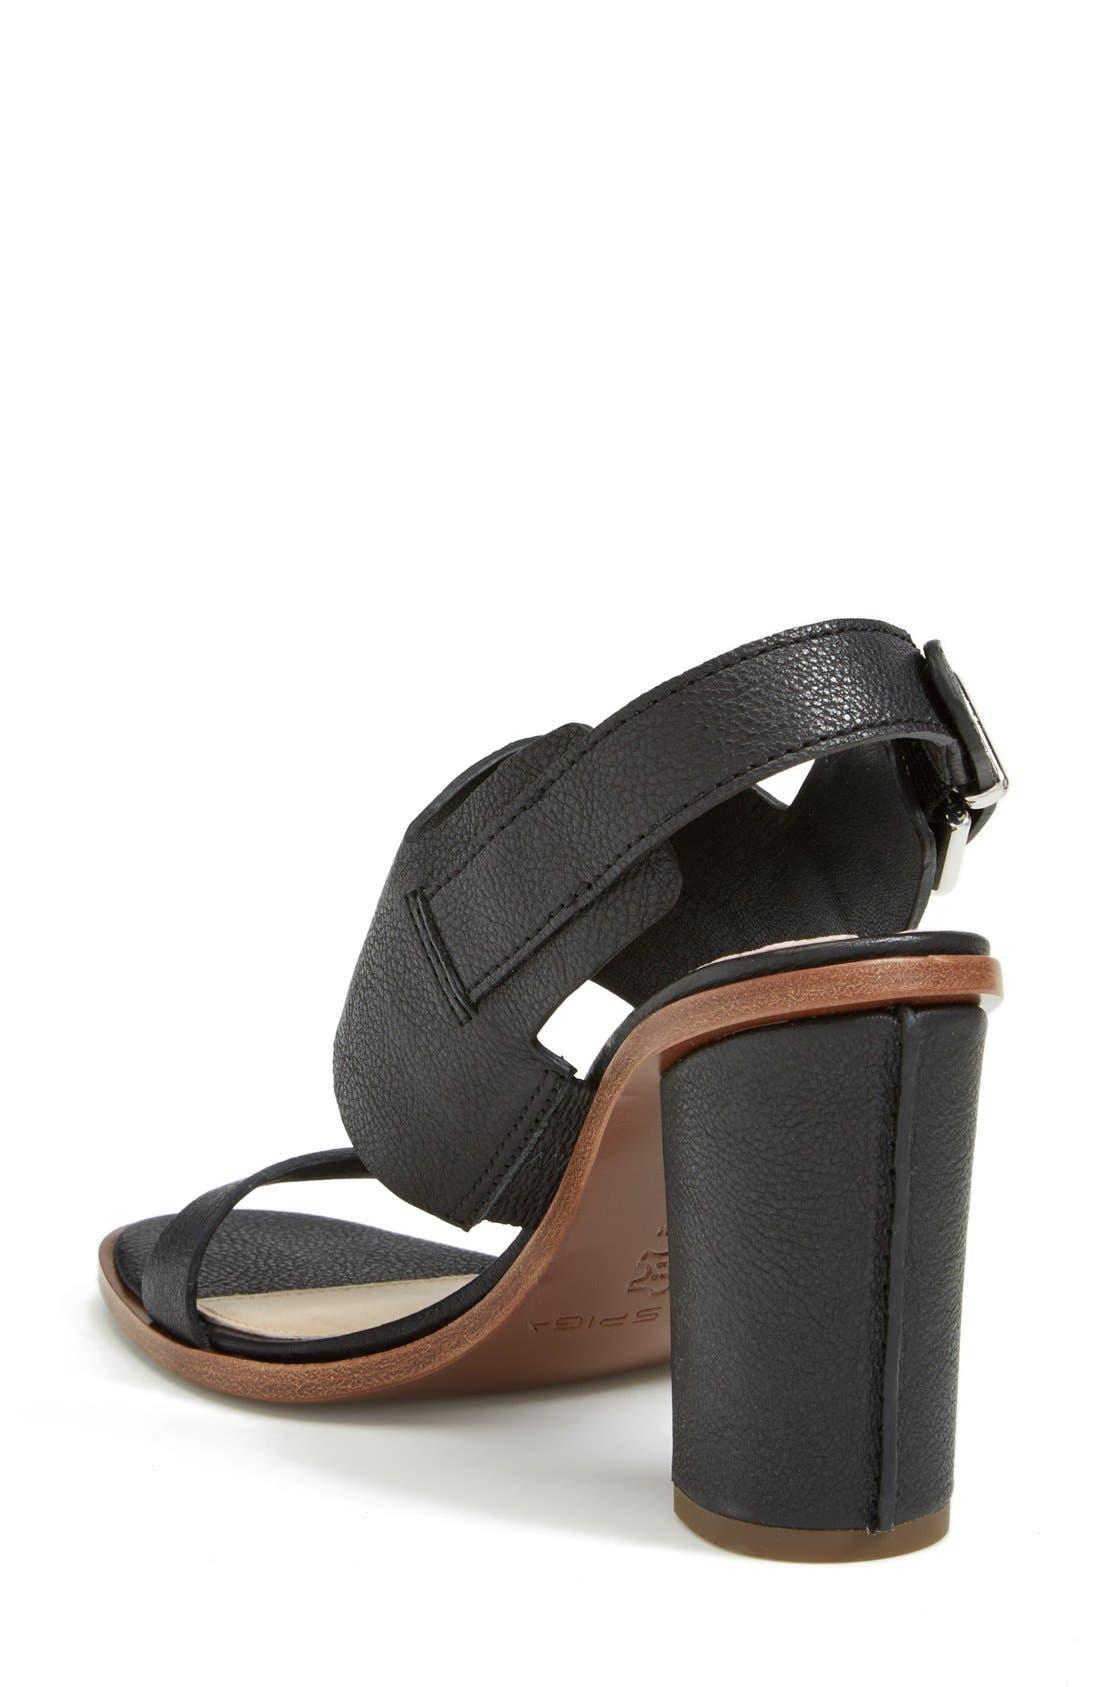 VIA SPIGA,                             'Baris' Leather Slingback Sandal,                             Alternate thumbnail 3, color,                             001